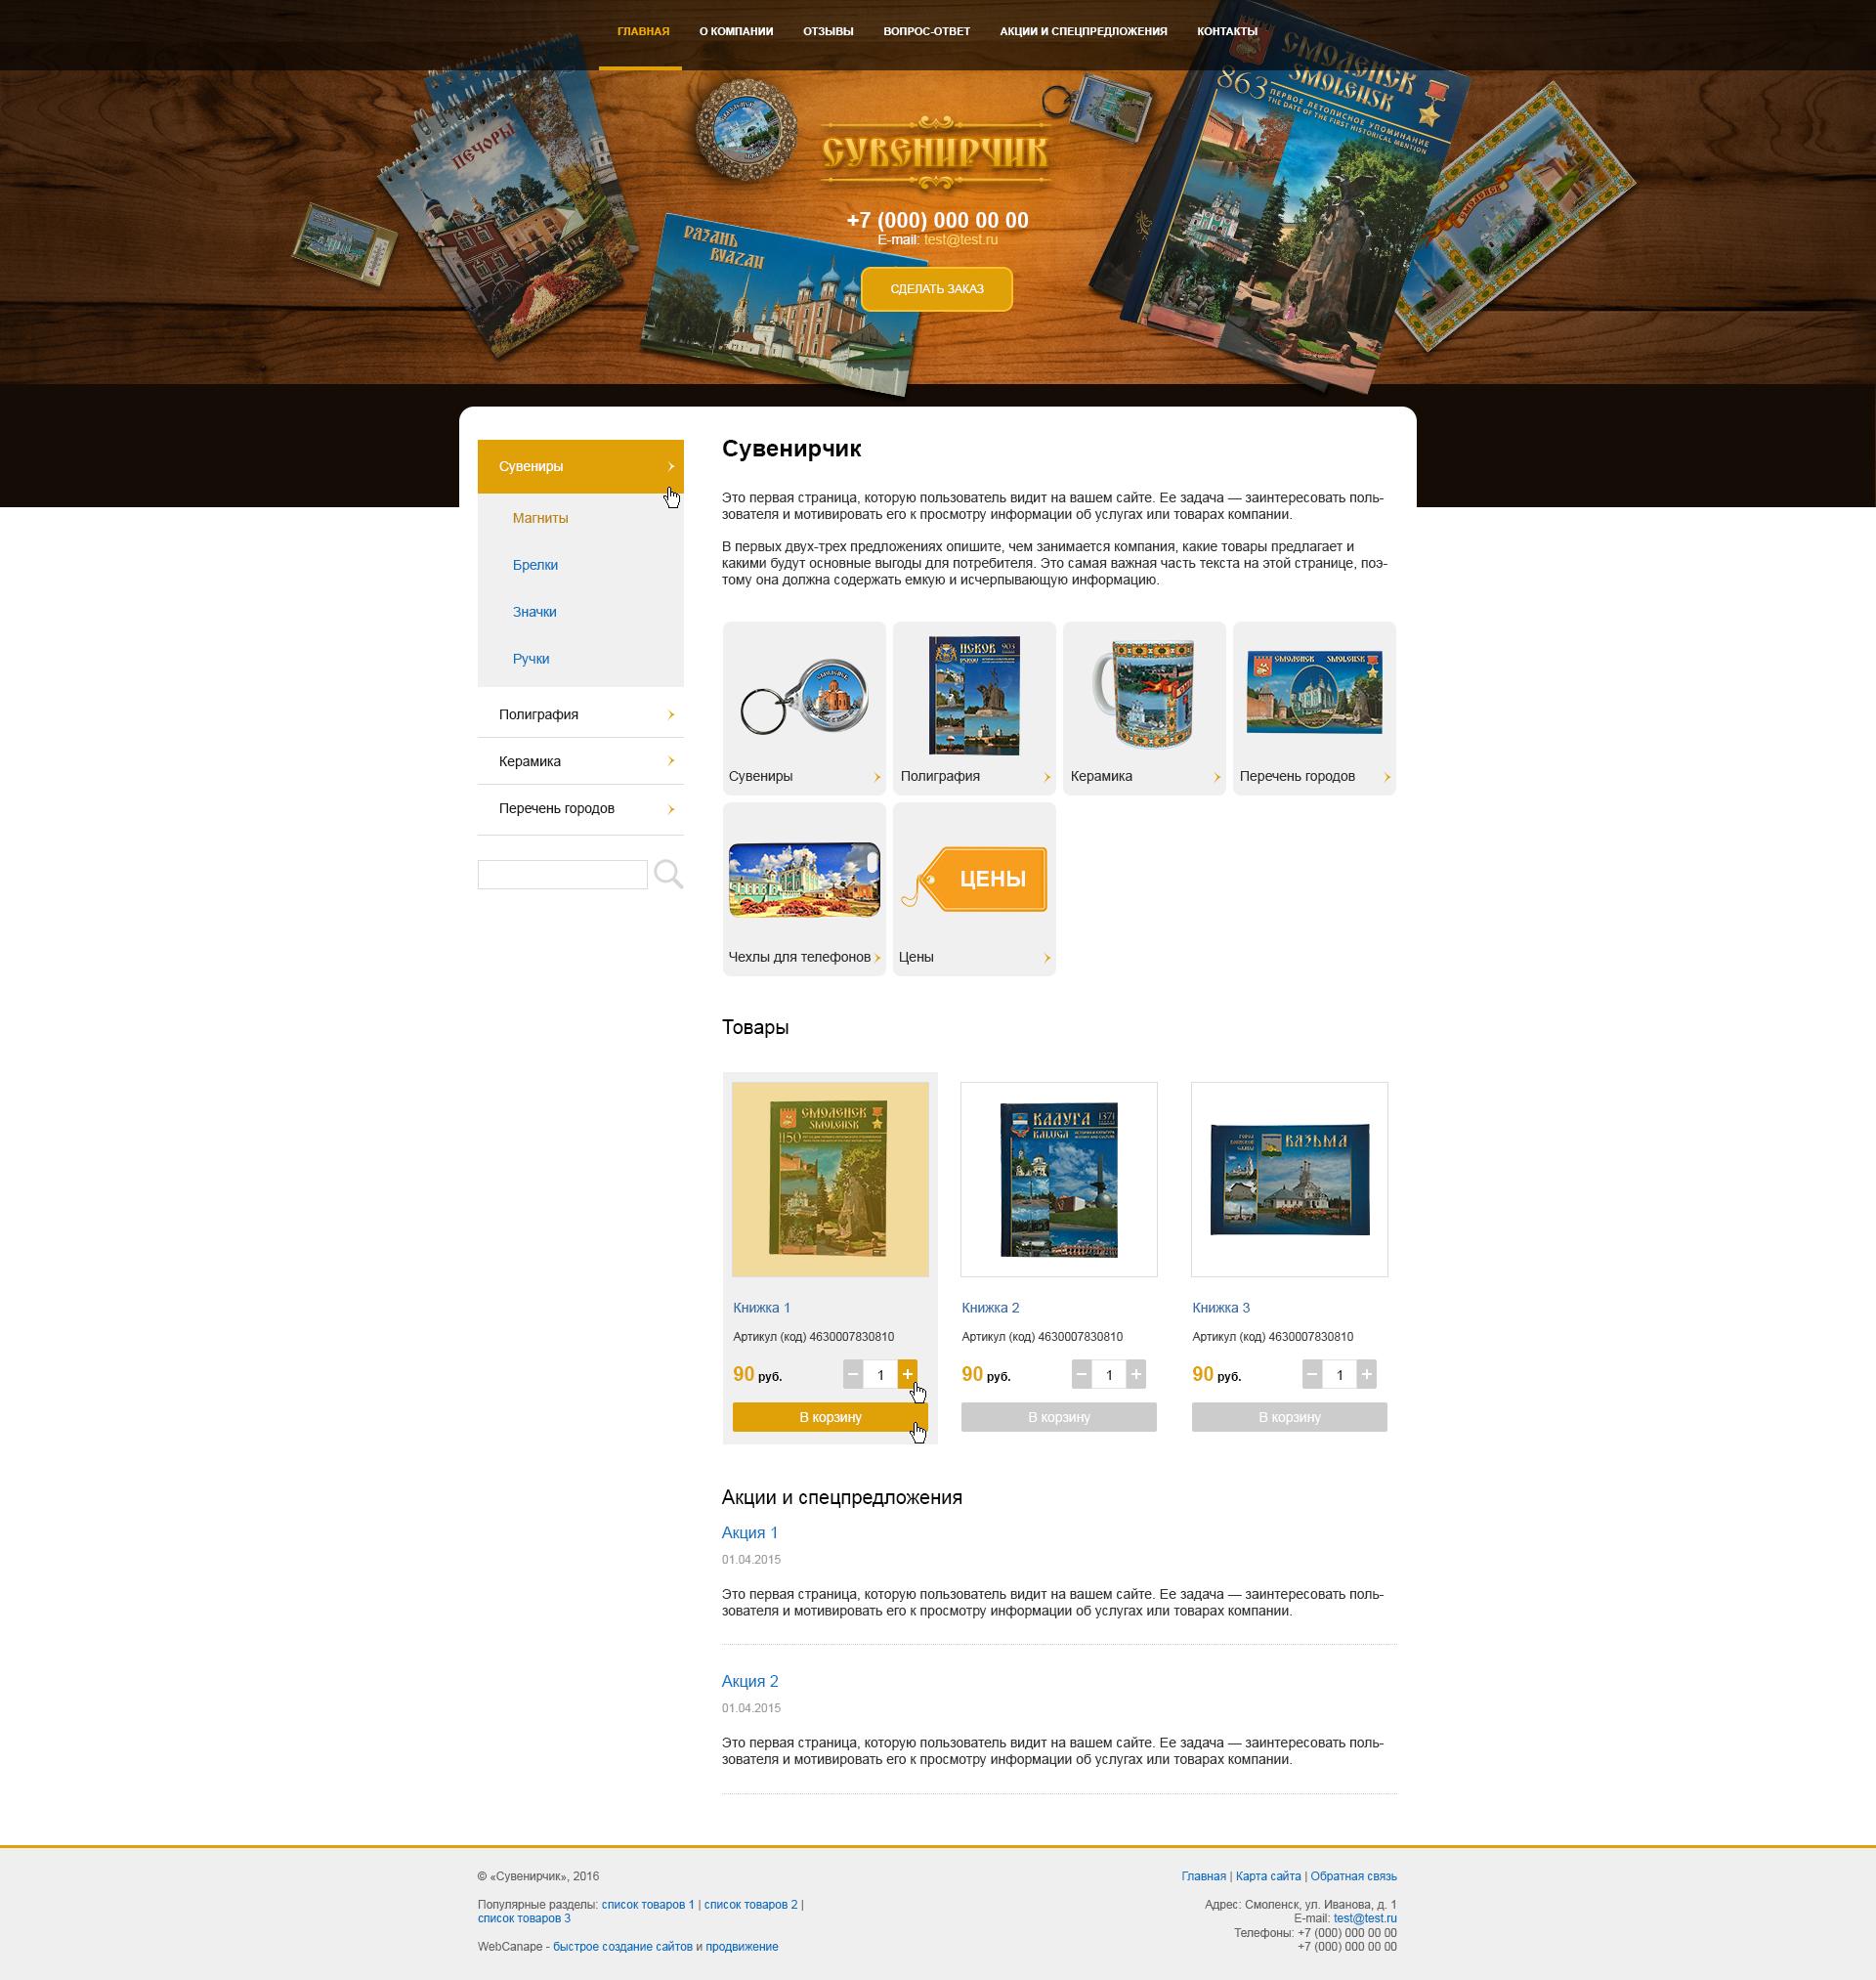 Сайт-каталог для магазина сувенирной продукции